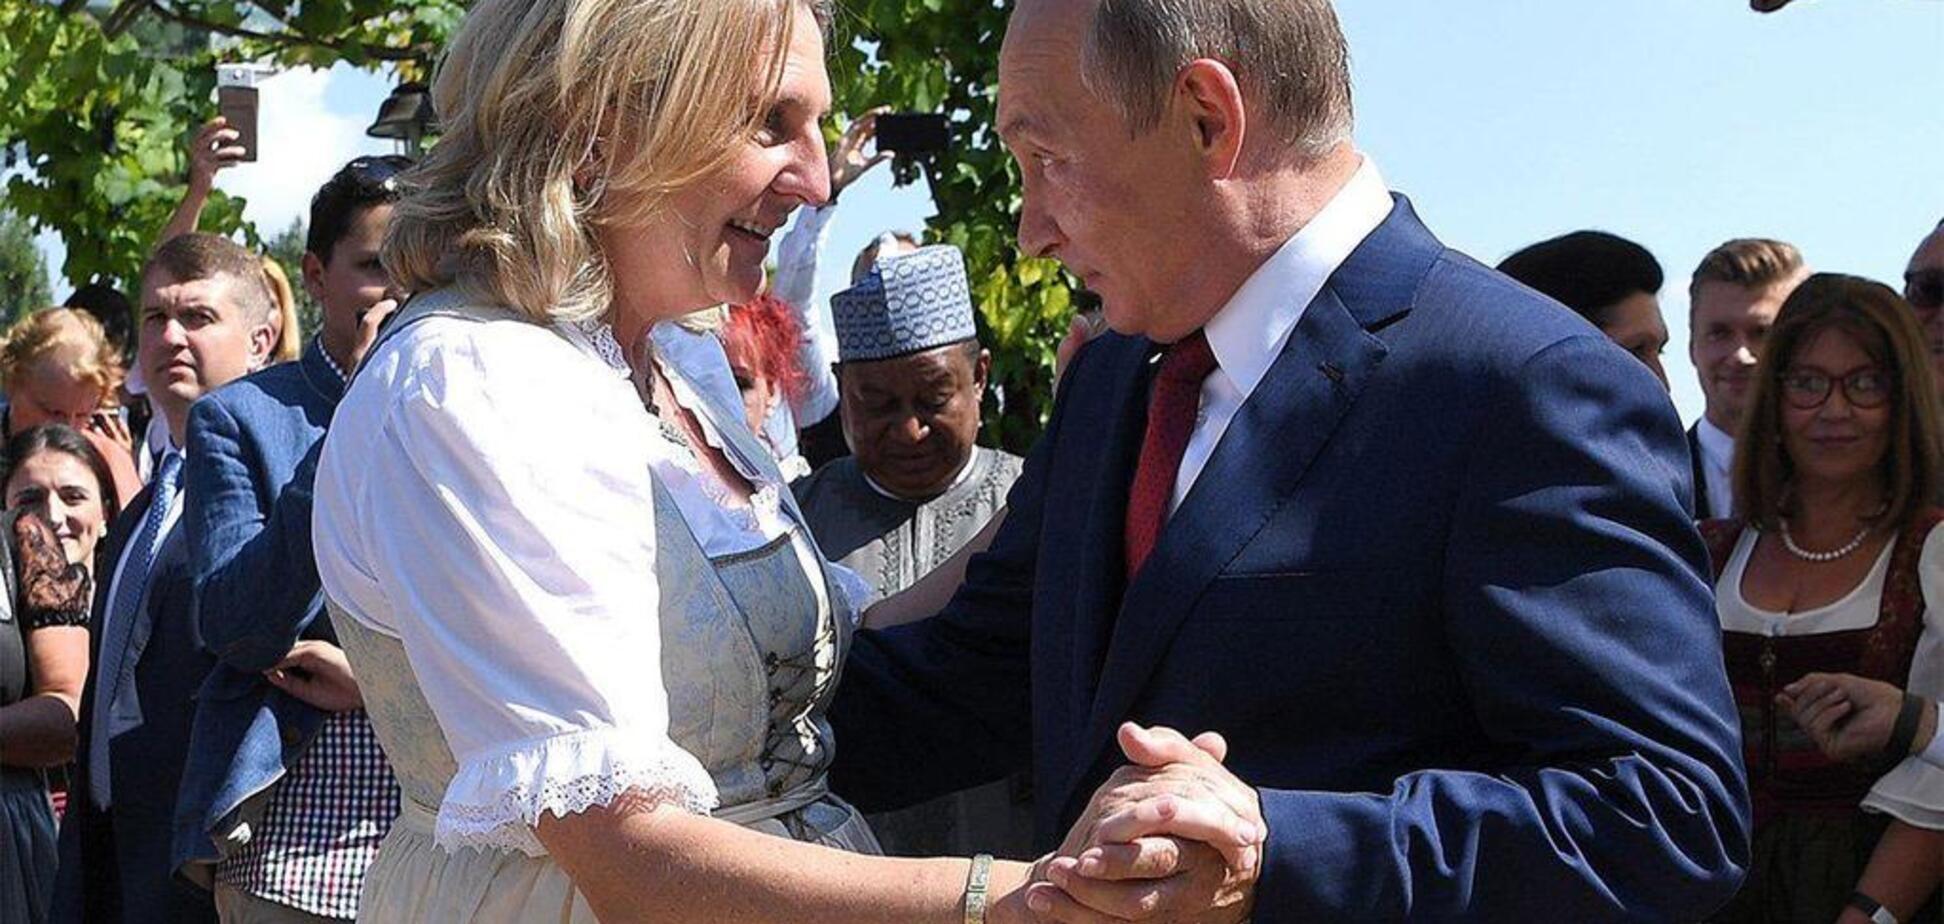 Шпионский скандал между Австрией и Россией: что известно